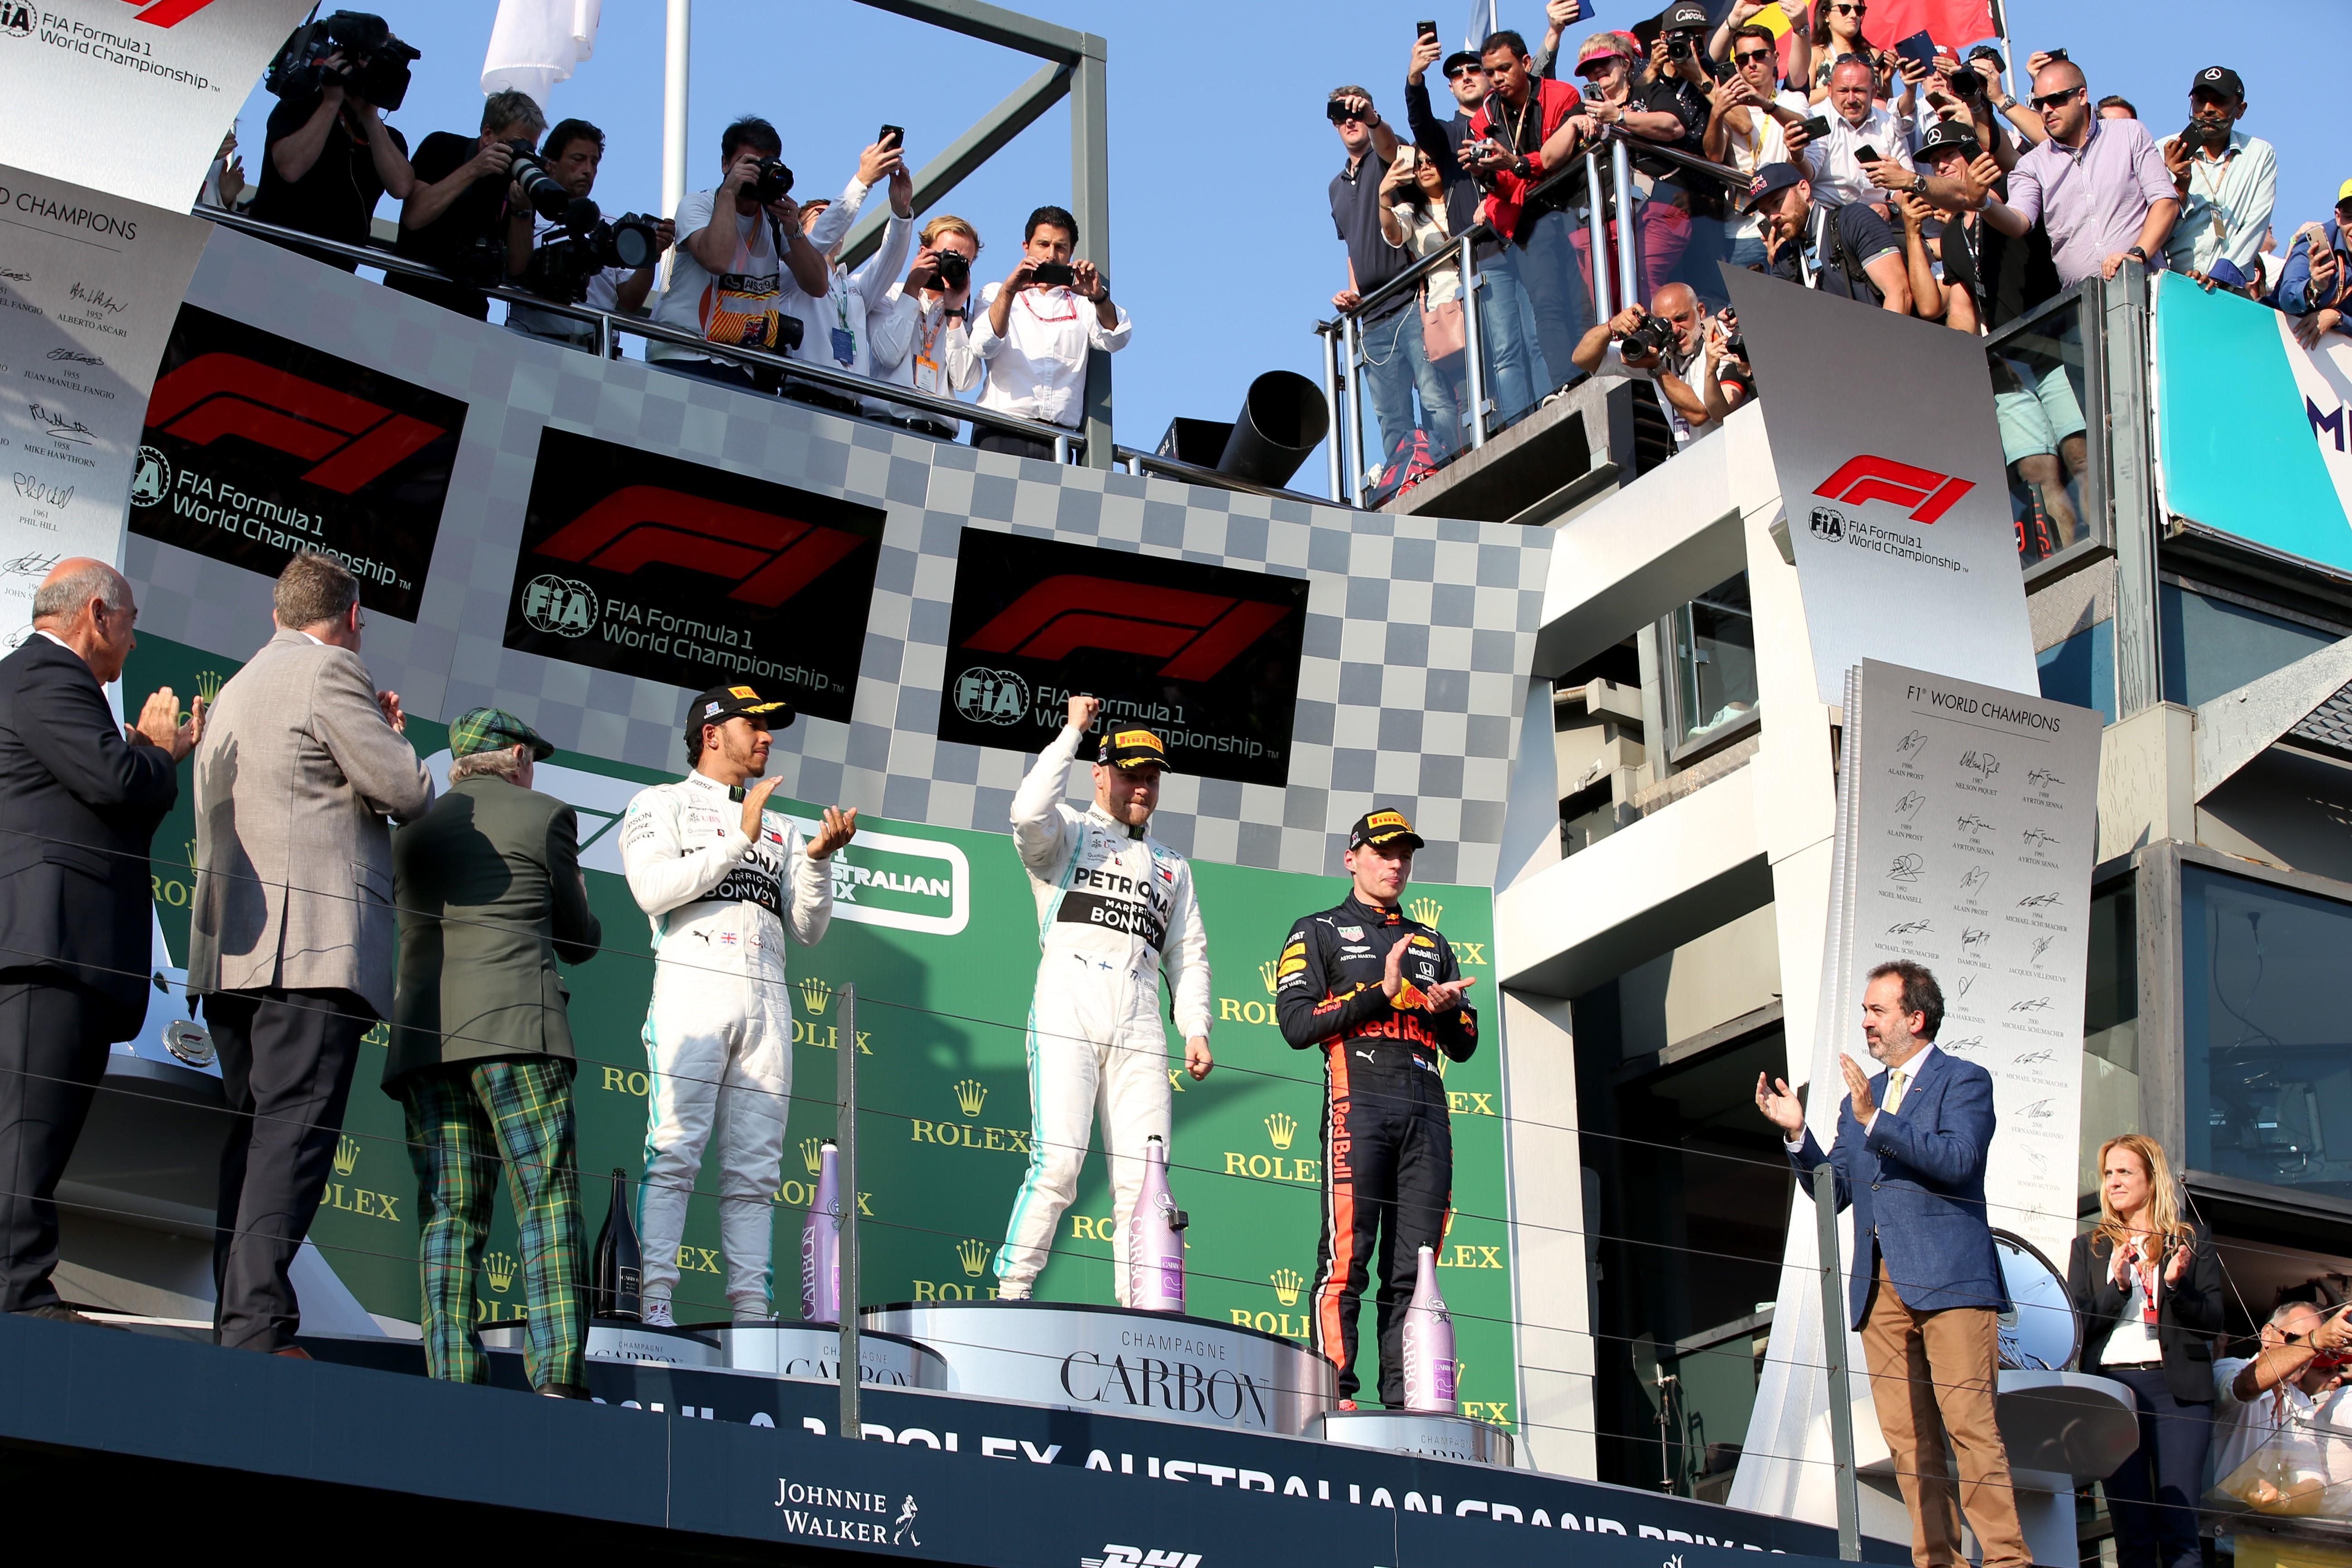 Hamilton et Rossi ensemble sur la piste — Auto-moto